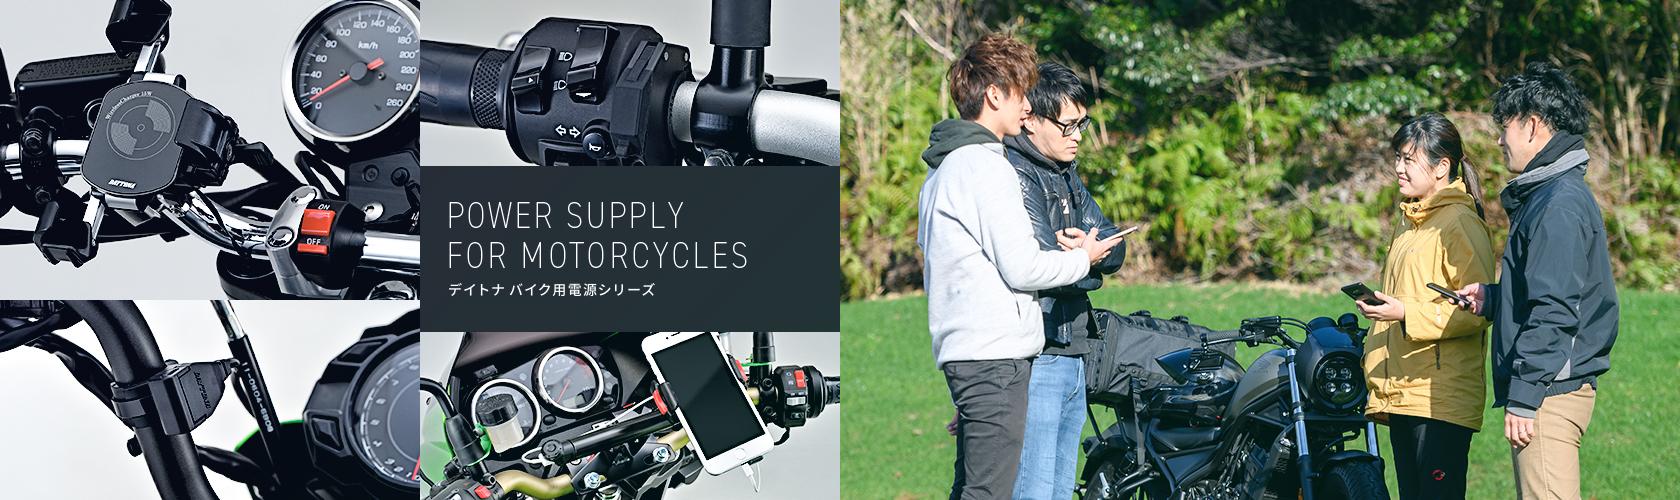 ライダーの必需品のバイク用電源